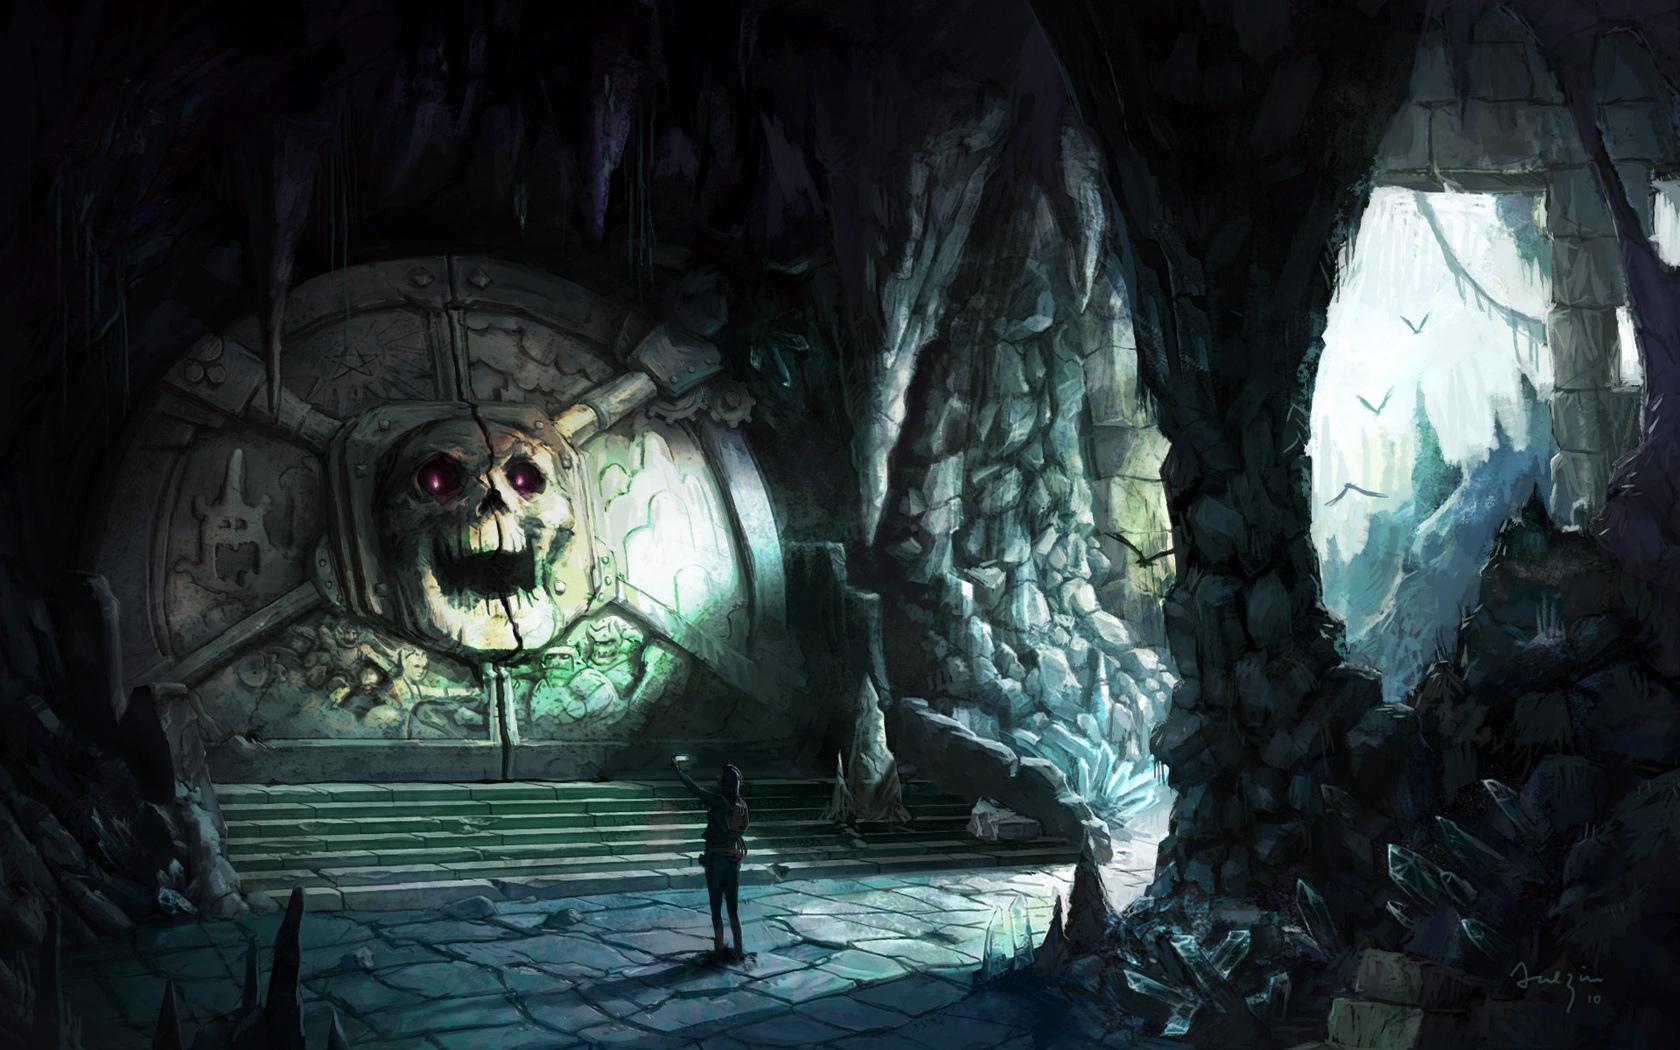 обладает картинка вход в подземелье неприятность, которая приносит